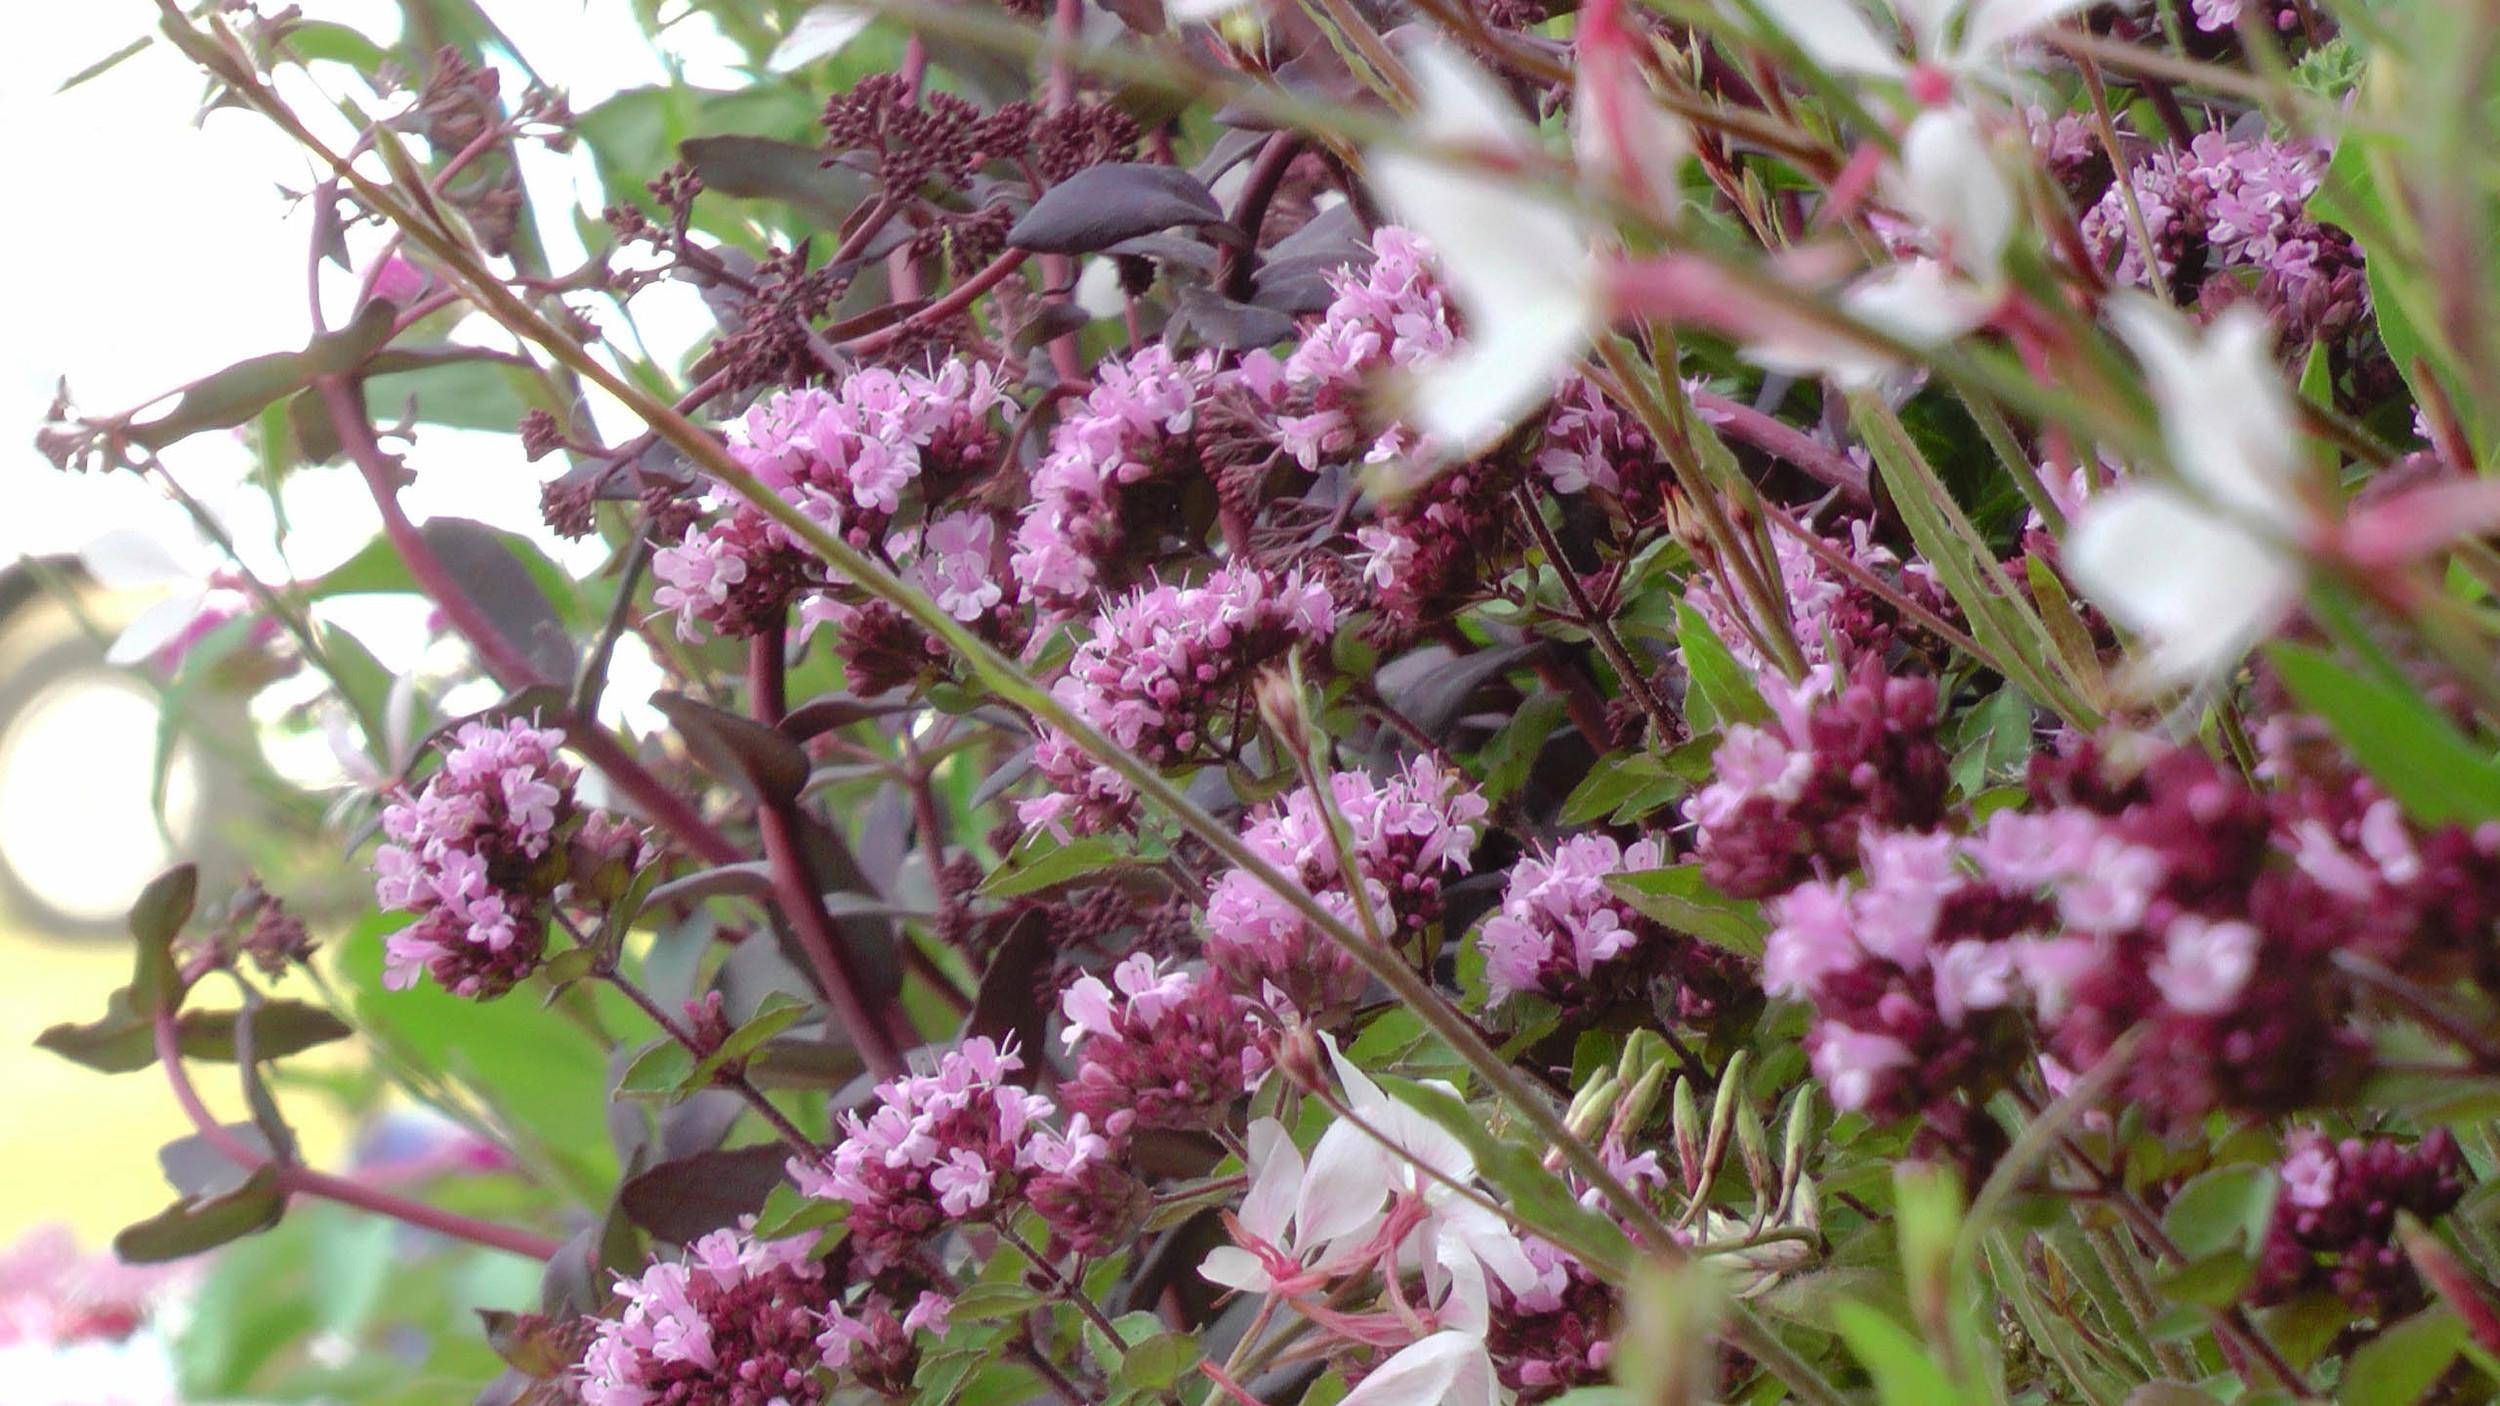 Cheshire Garden Design: RHS Tatton Flower Show 'Precious Resources Garden': Perennial planting